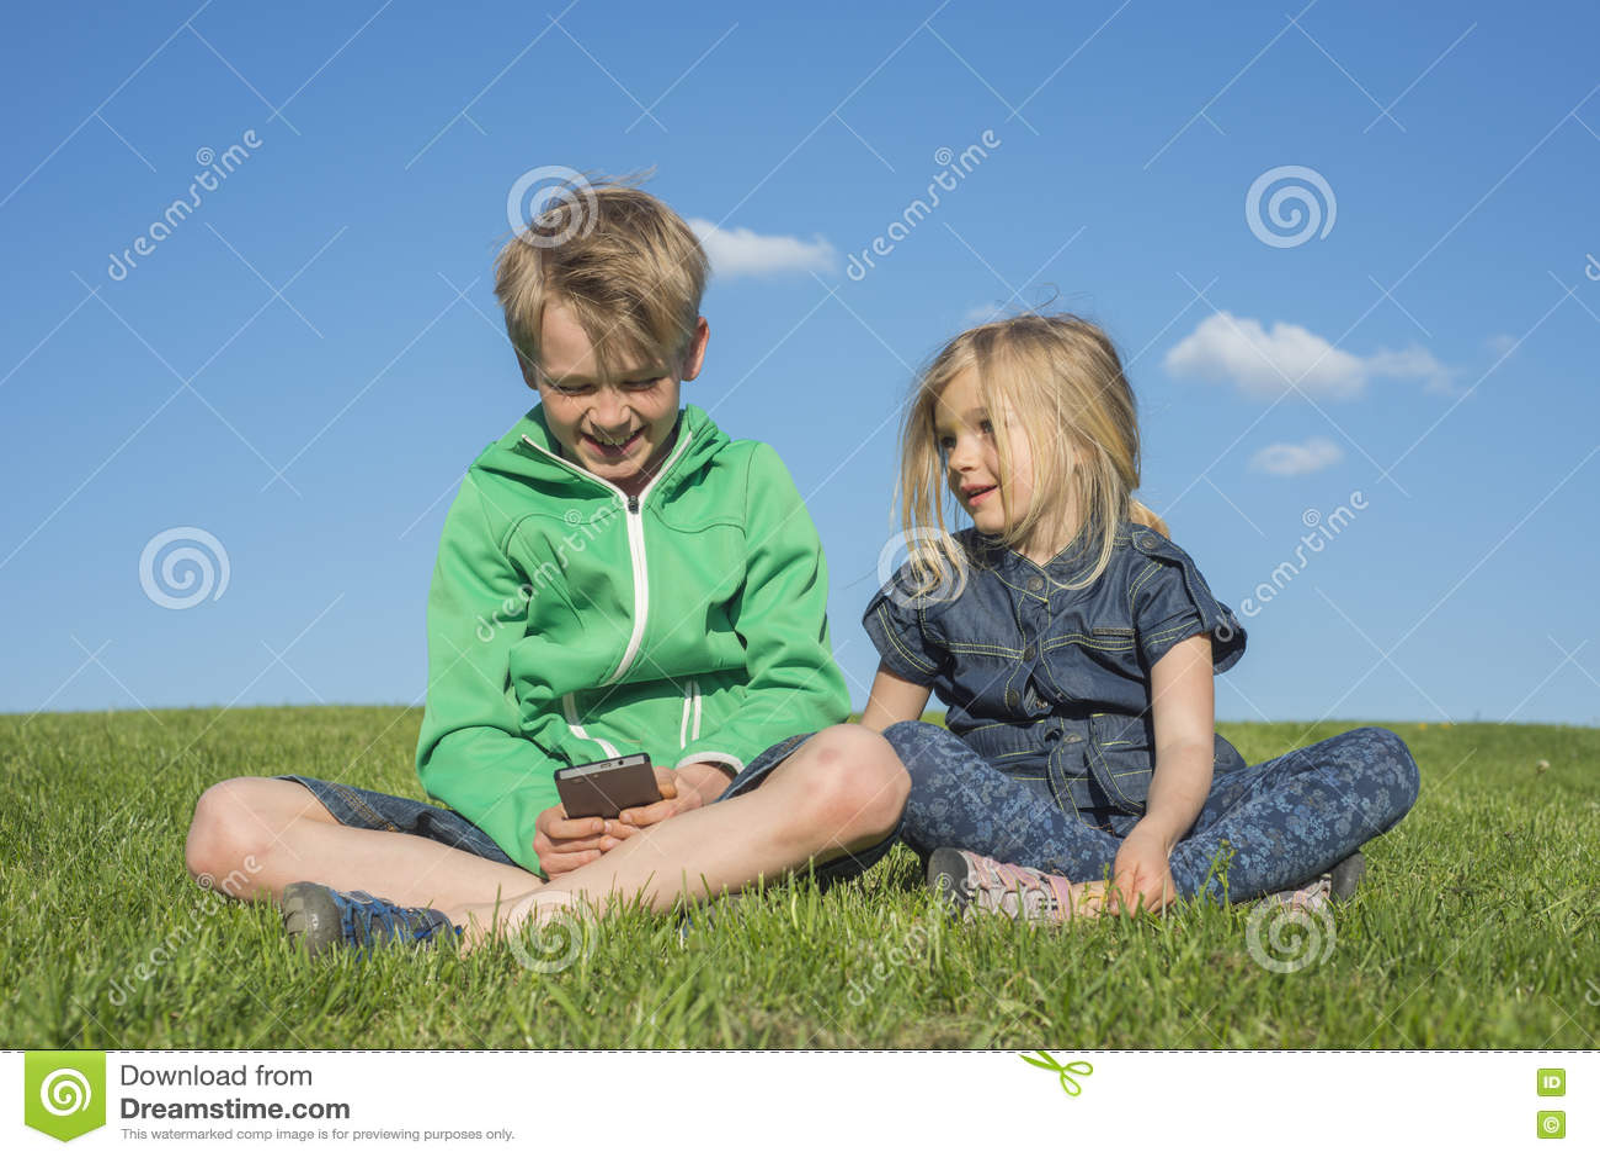 Svenskt spel för barn blond pojke